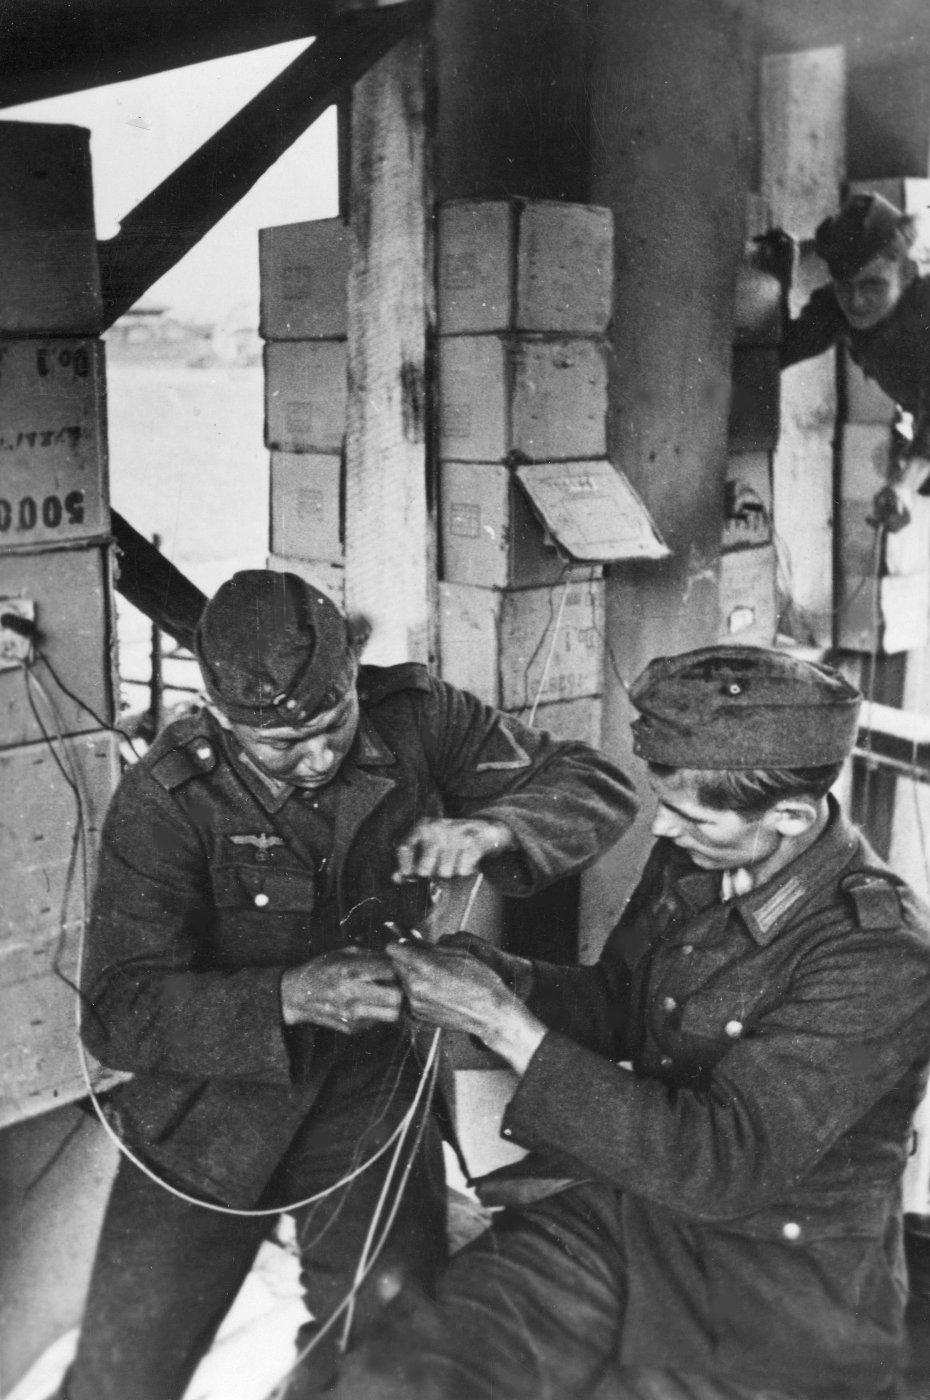 Diverses photos de la WWII (fichier 8) - Page 4 98121